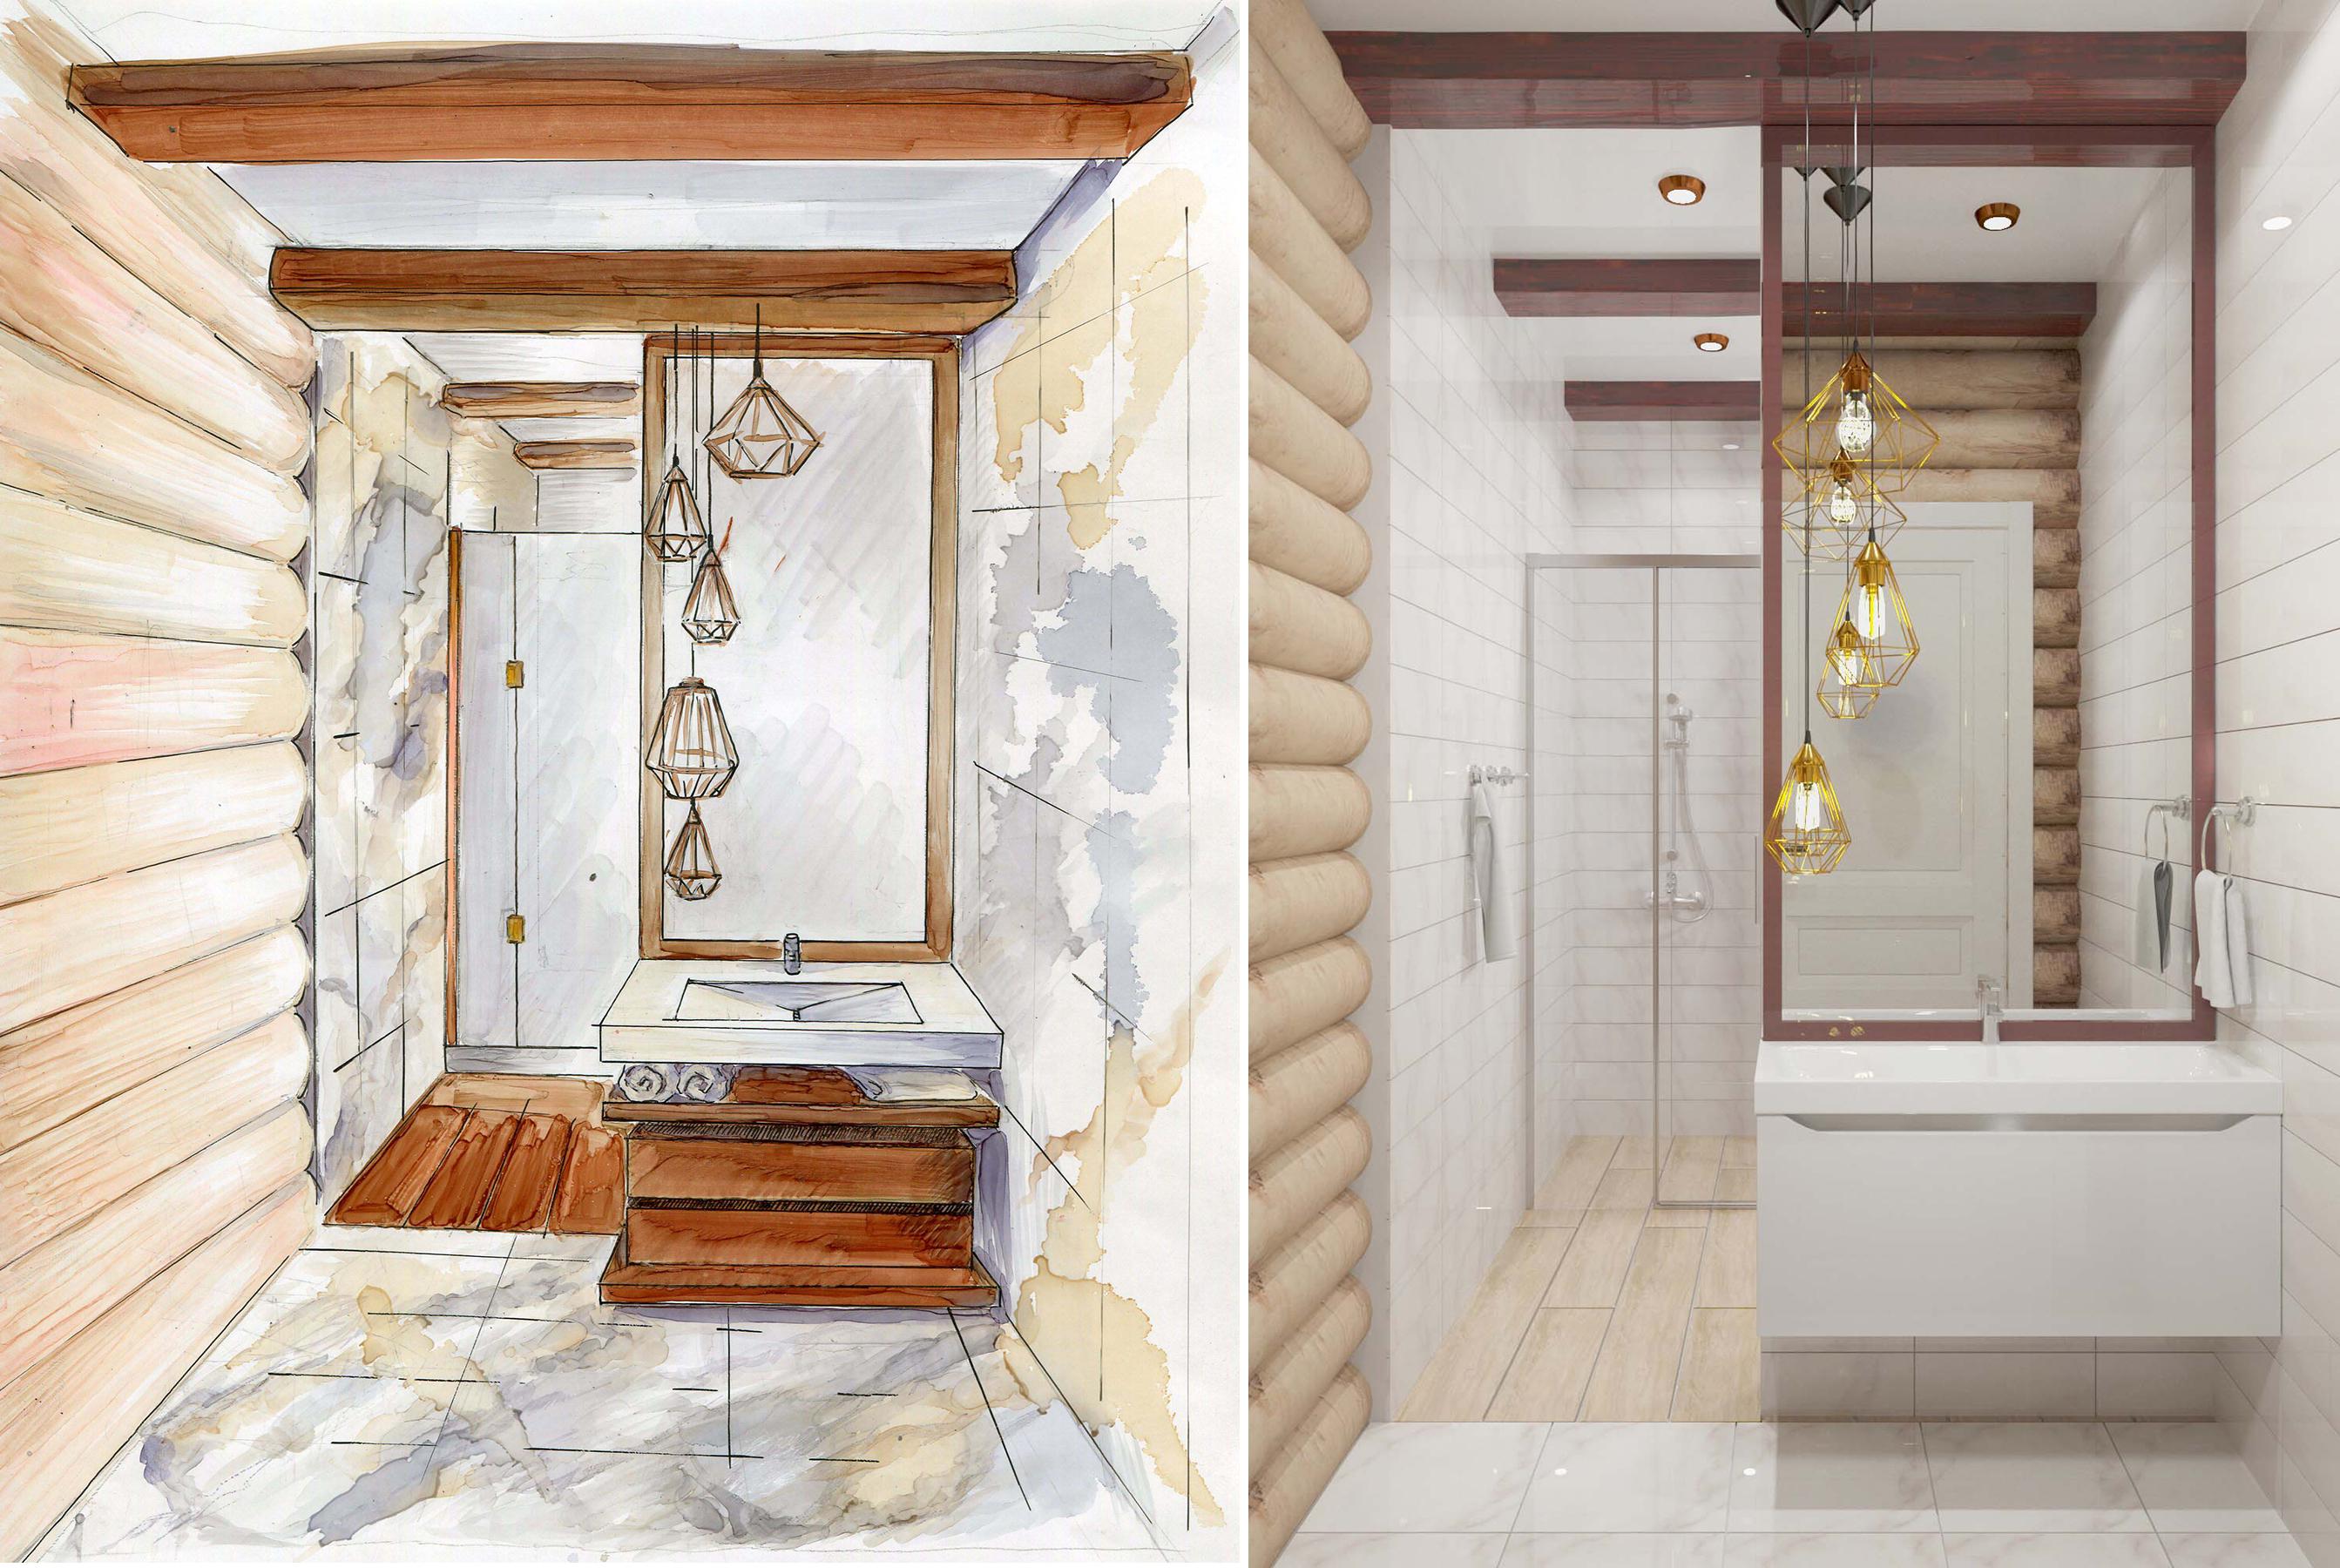 Дизайн интерьера ванной комнаты в деревянном доме